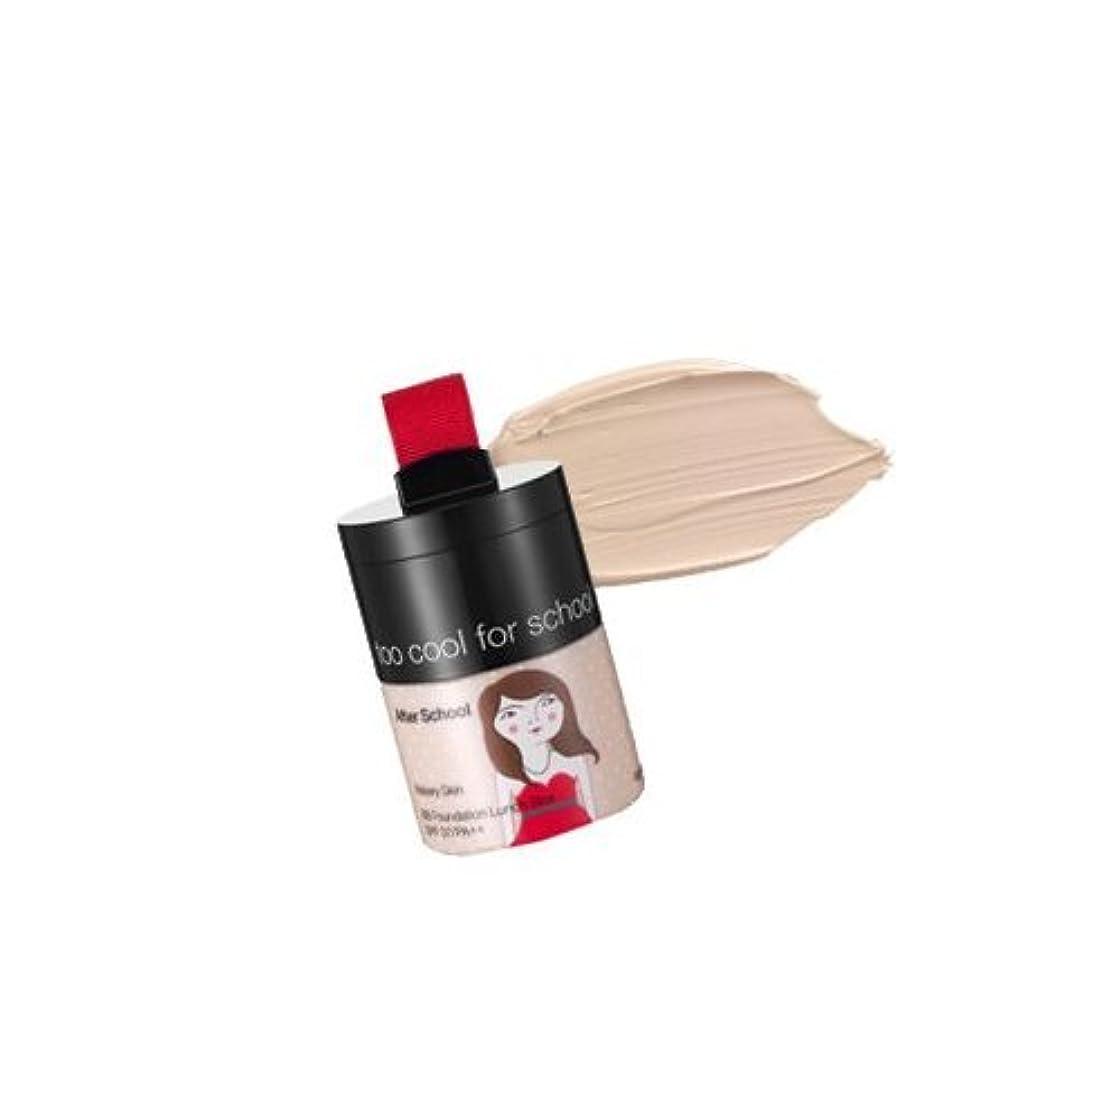 するプライム汚すTOO COOL FOR SCHOOL After School BB Foundation Lunch Box - 02 Moist Skin (並行輸入品)